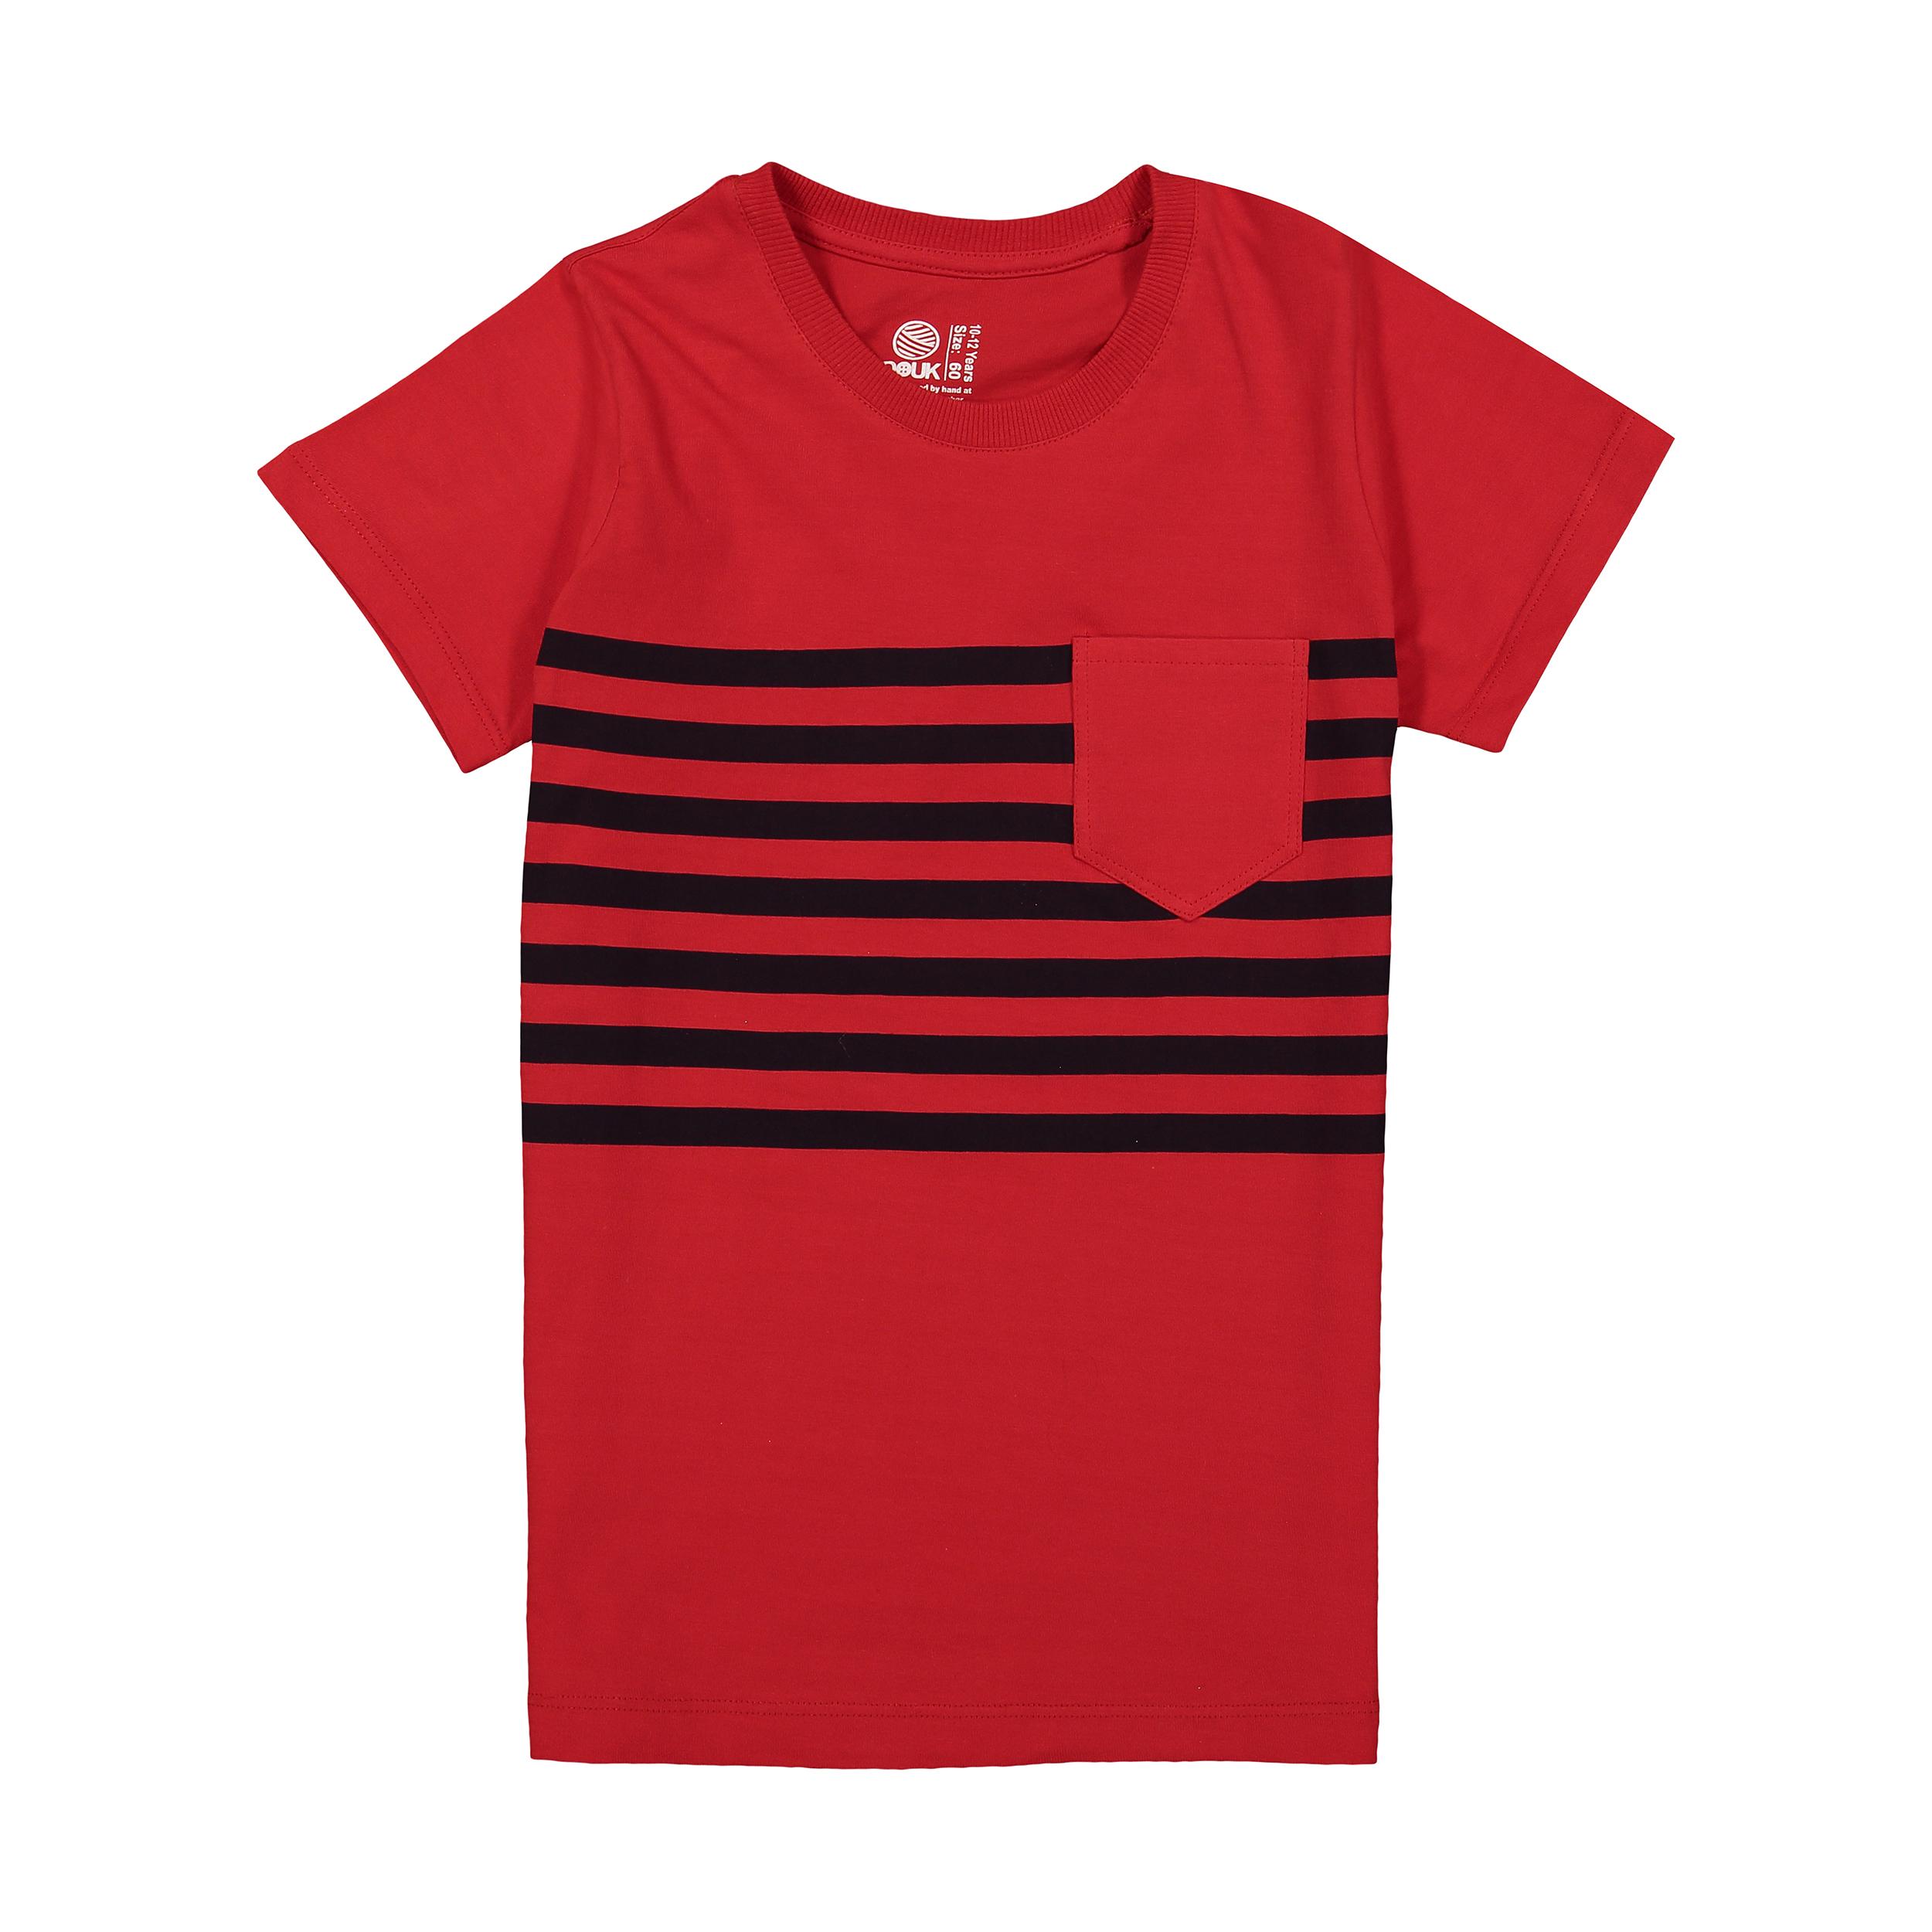 تی شرت پسرانه سون پون مدل 1391473-72